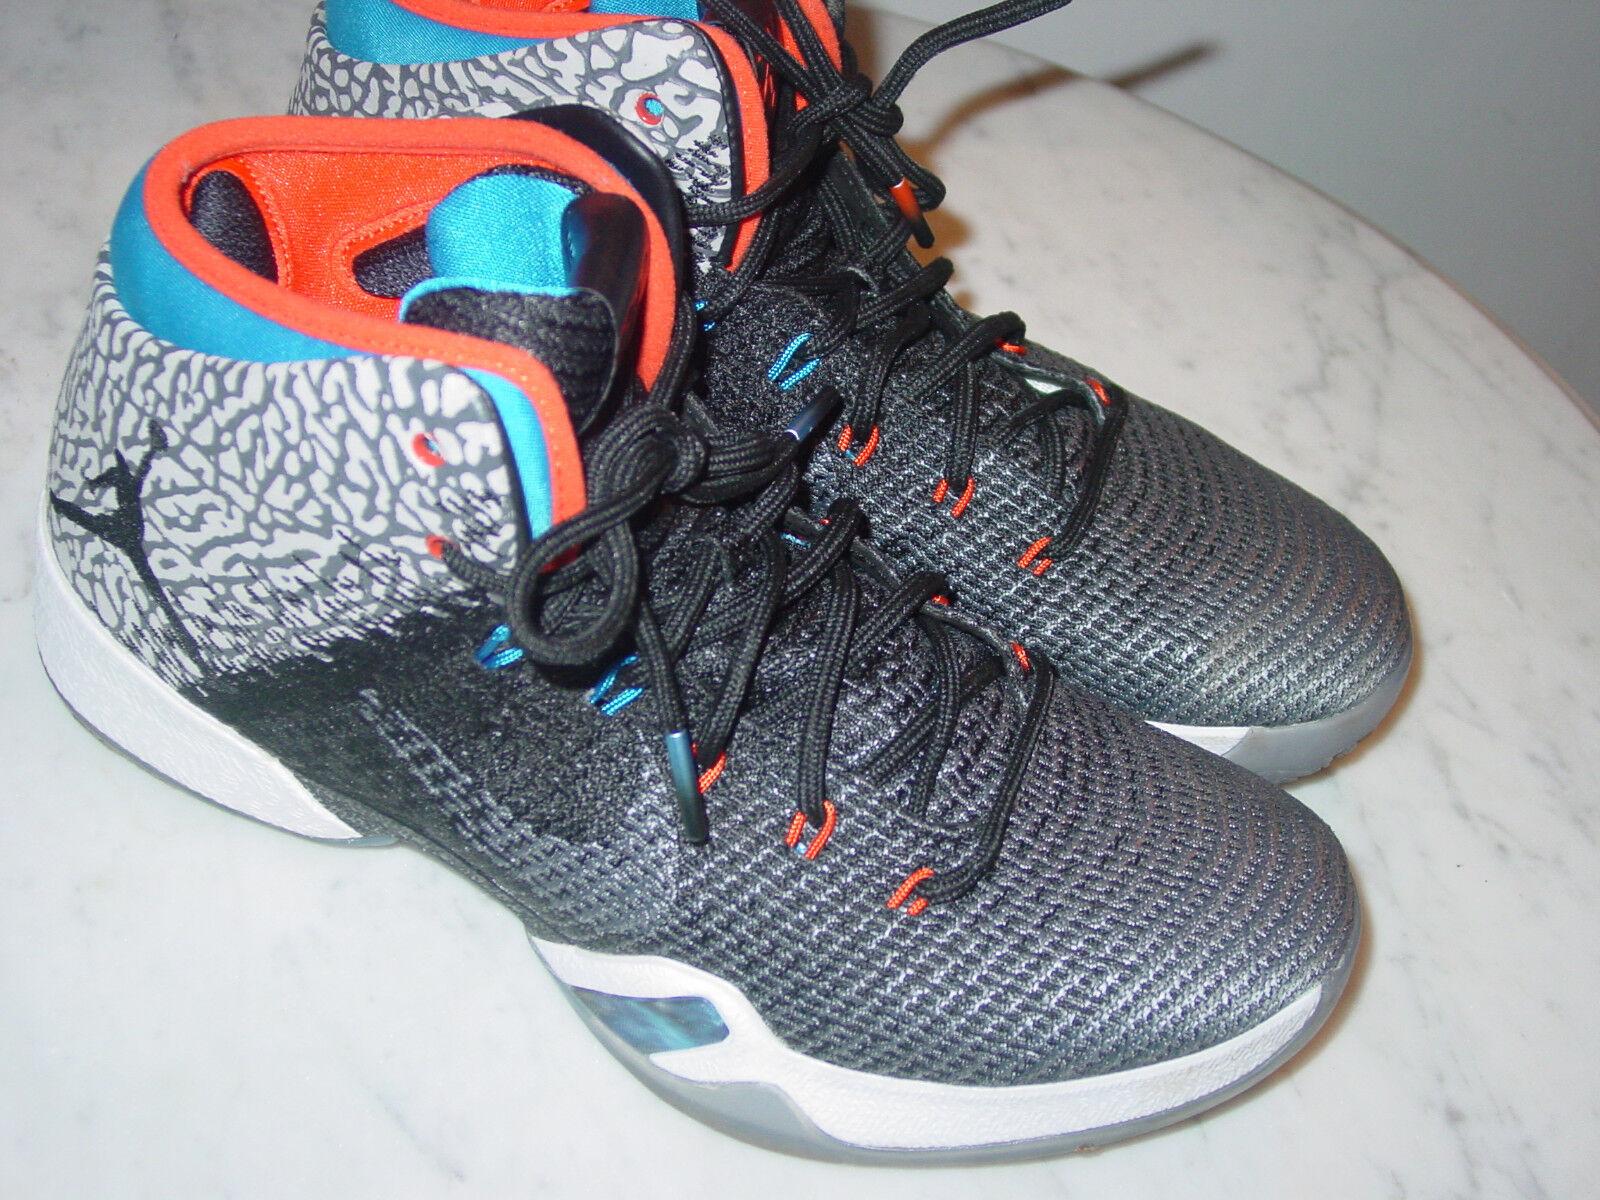 2018 Nike Air Jordan 31 Por qué noCemento gris gris / negro / gris noCemento oscuro zapatosCómodo, el modelo mas vendido de la marca 1eb08a